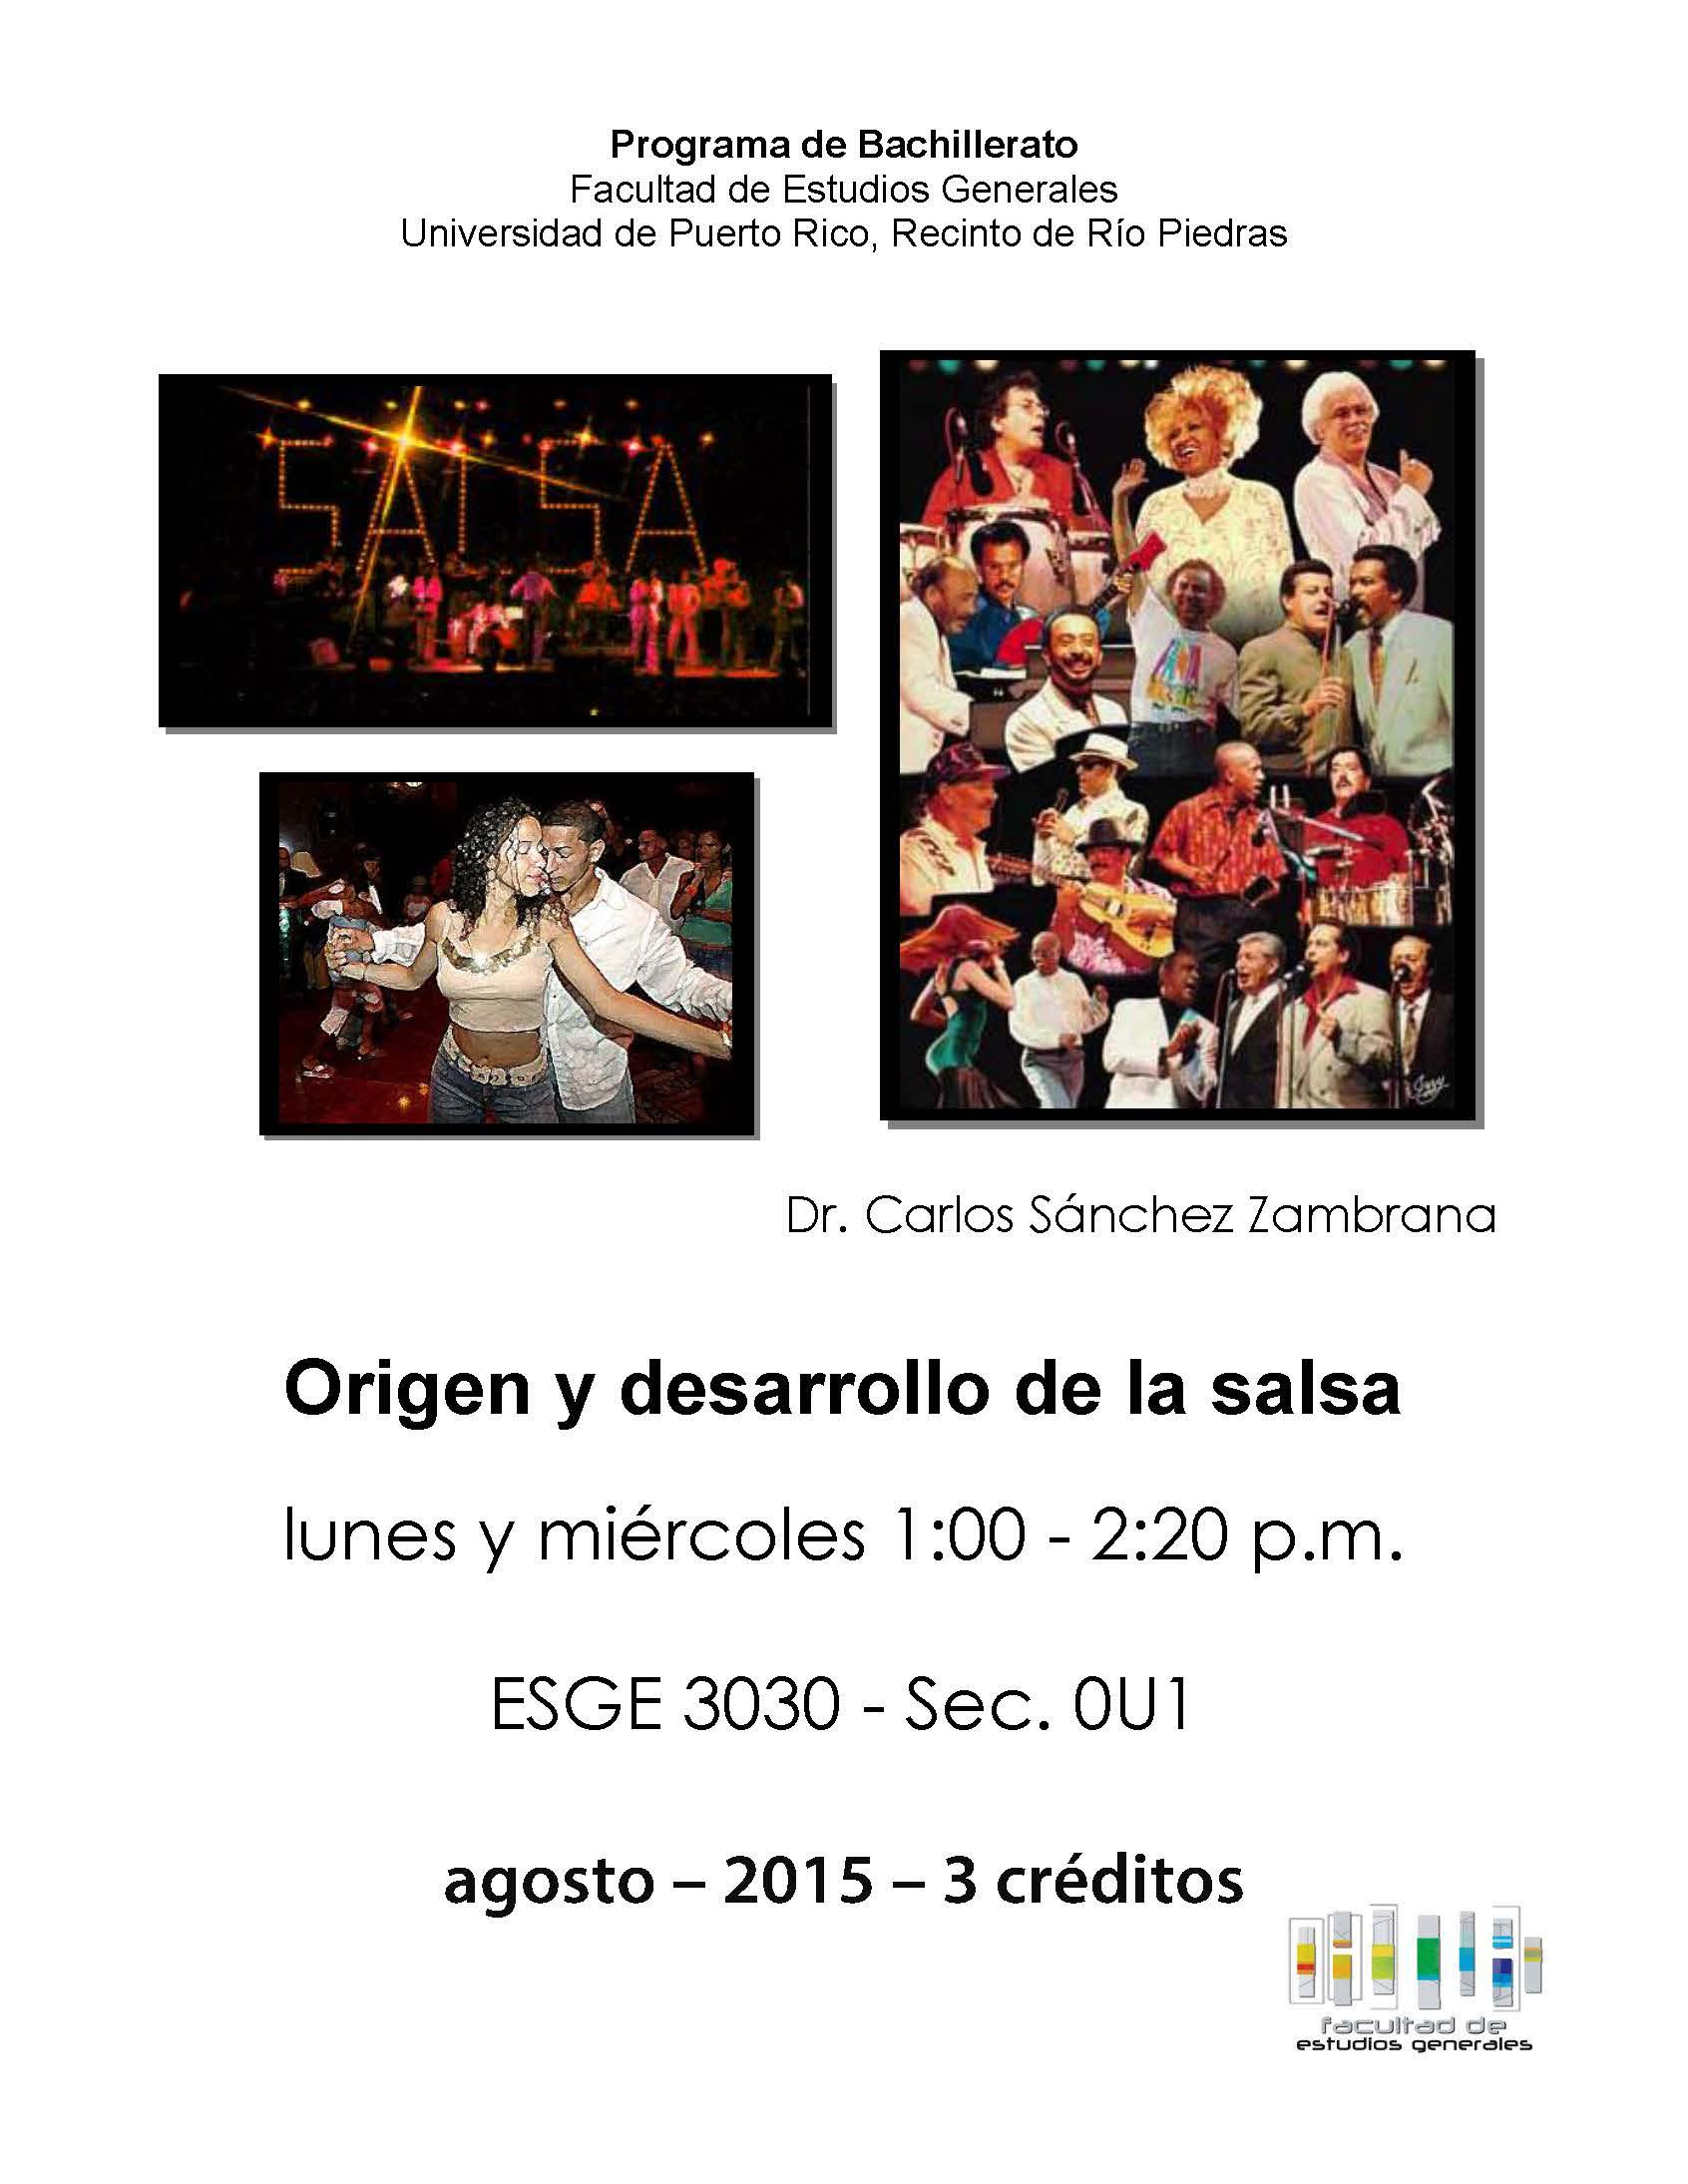 ESGE 3030  Bachillerato Origen y desarrollo dela Salsa 2015